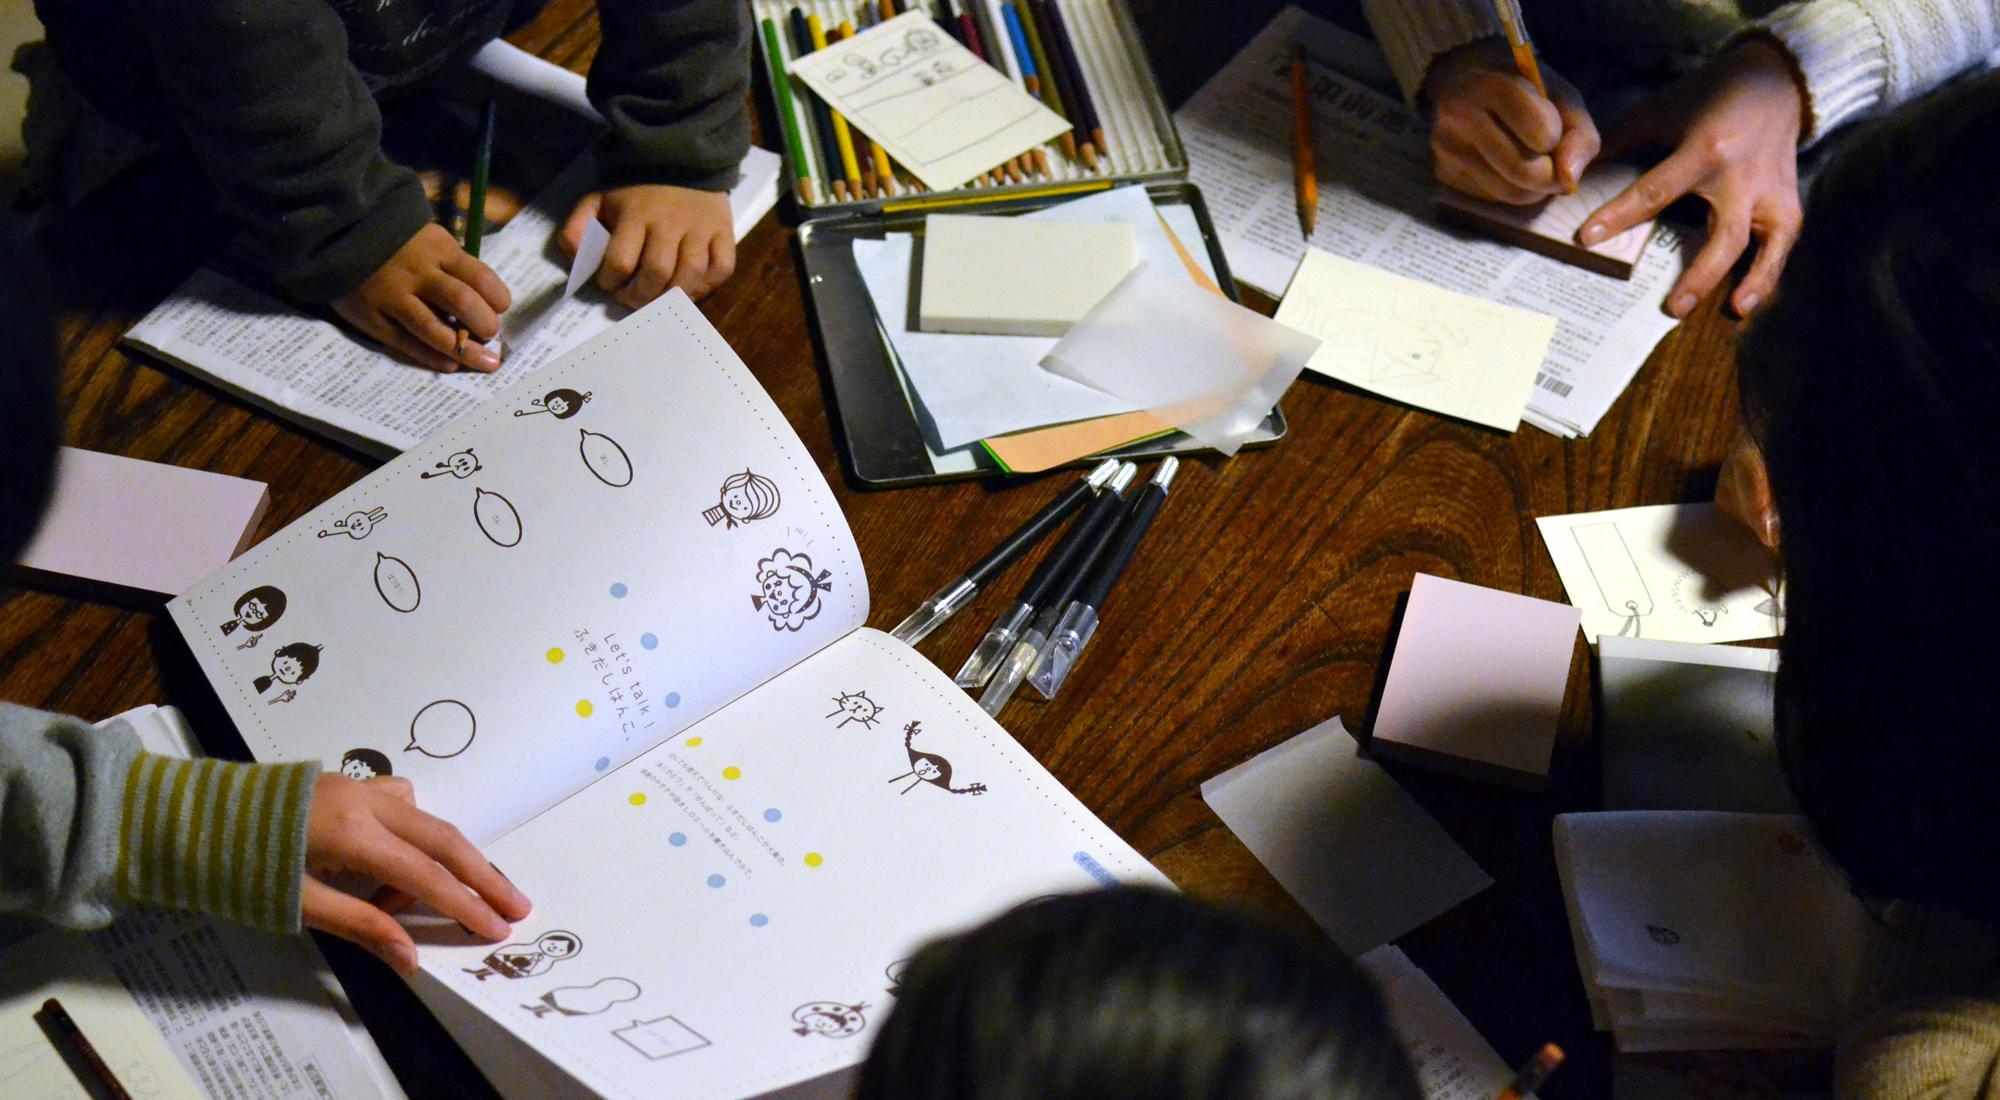 アートスクール「空のある教室」